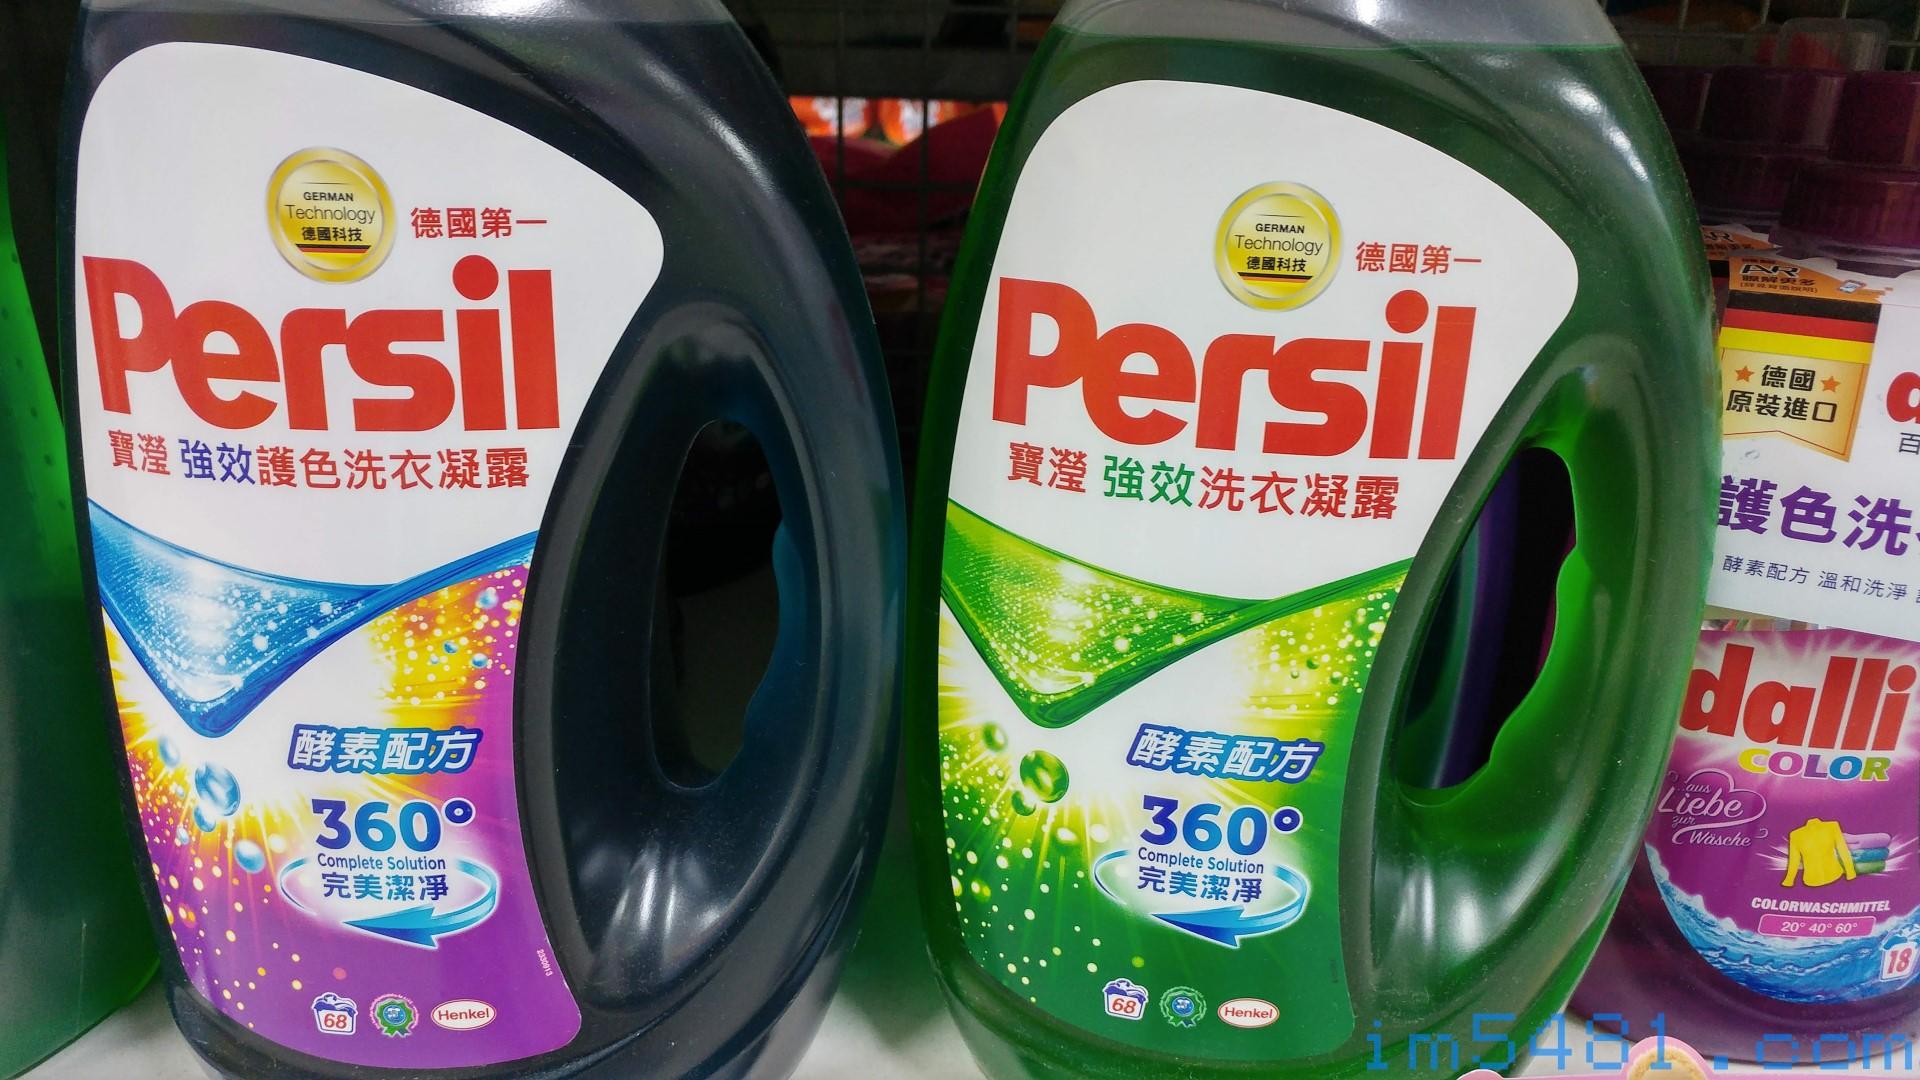 德國第一的Persil。我同事就是用這款綠色的,抱怨連連,洗完衣服會有股臭味! 然後衣服洗不乾淨,結果我看不下去,幫他洗一次,用白蘭洗衣粉先泡後洗,就去掉約十分之九的髒污。現在他也開始使用德國小綠蛙Frosch洗衣精了